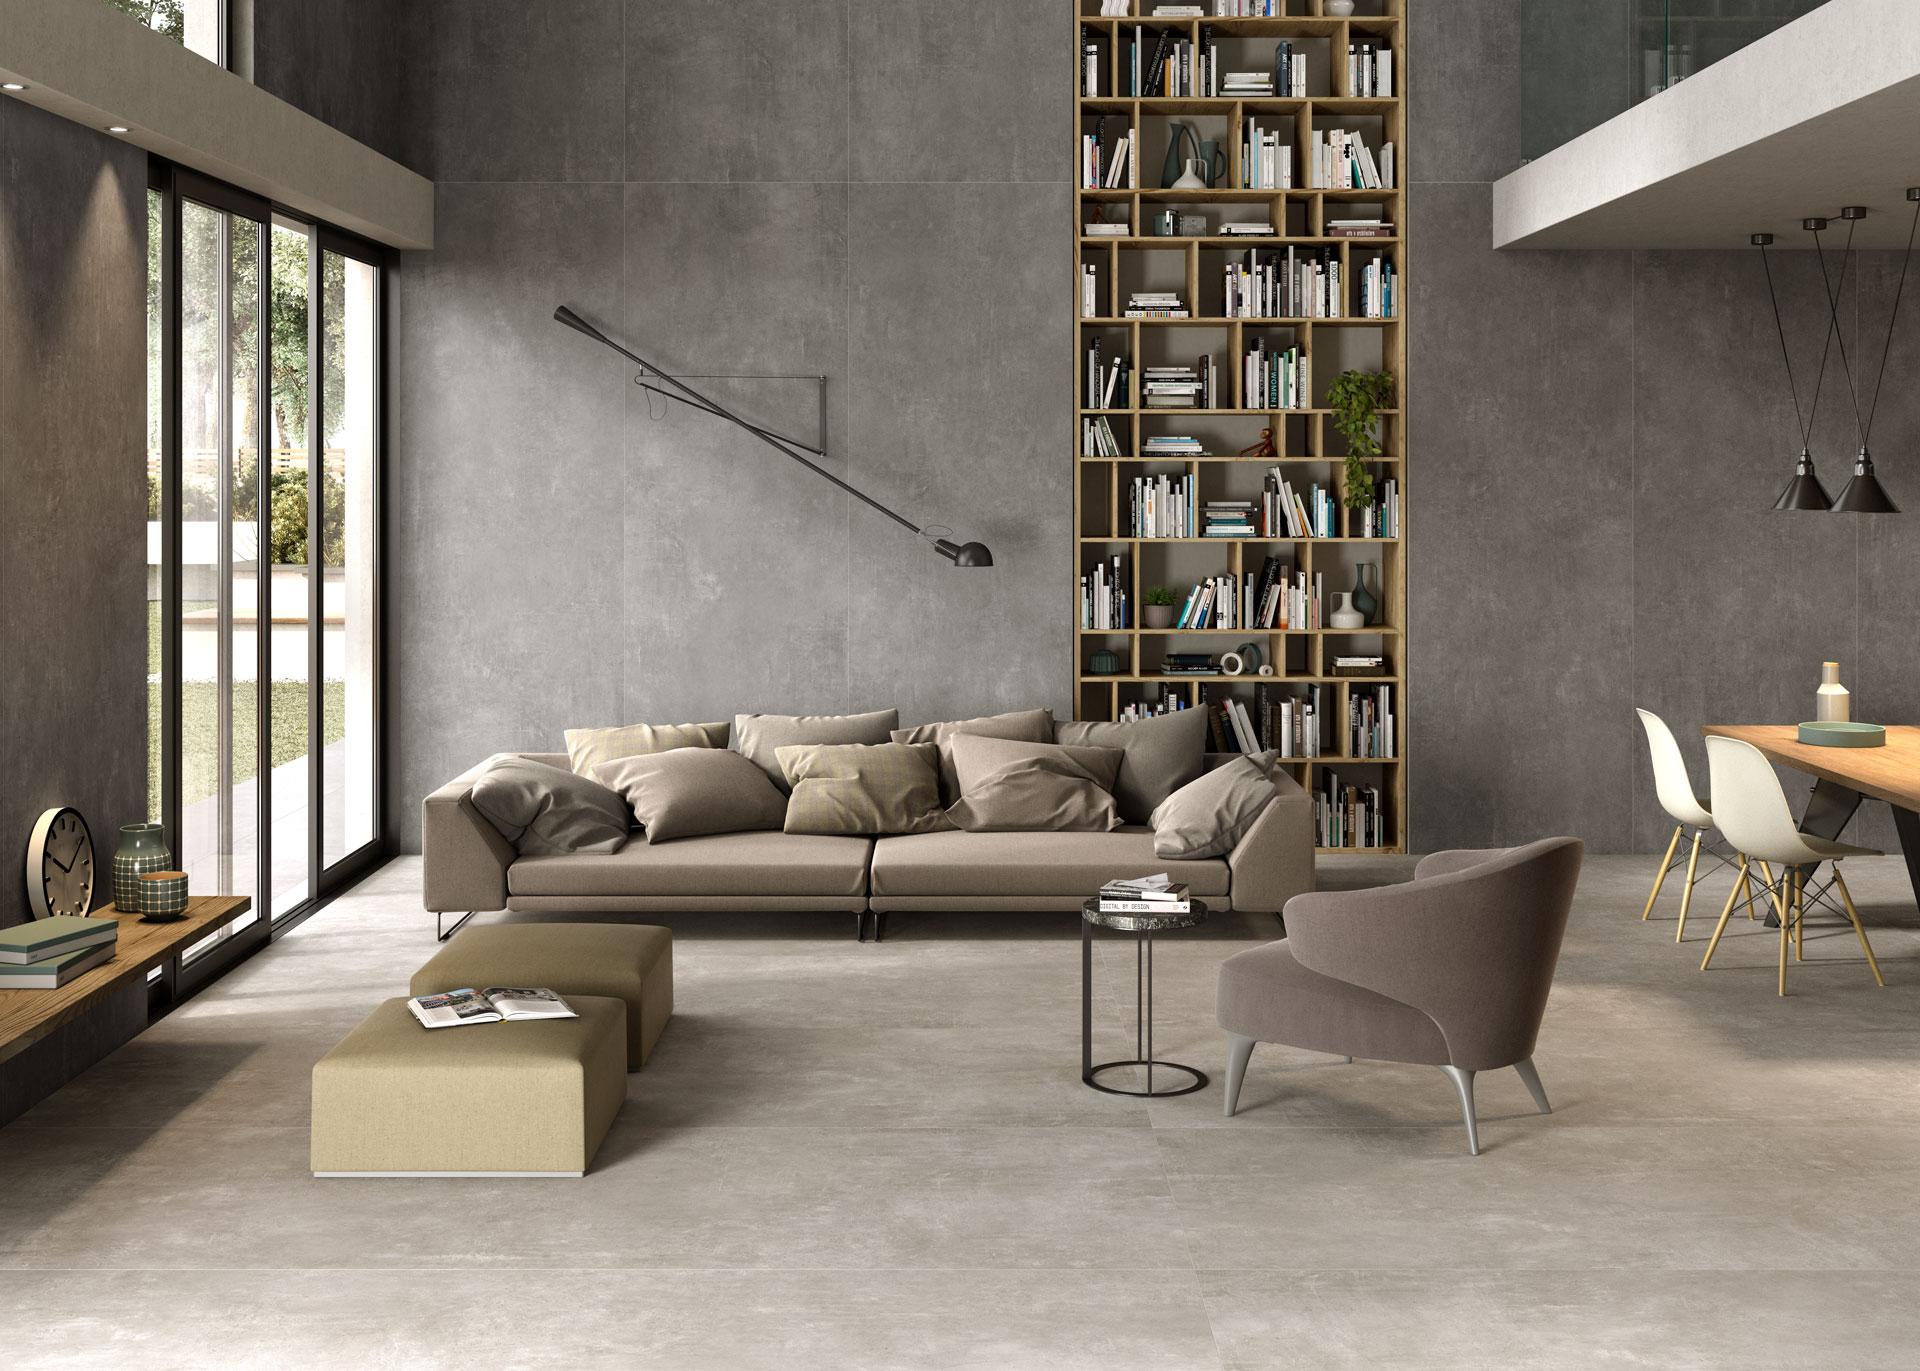 Urban Great Anthracite und Sand: Neue Verkleidungen im metropolitanen Stil